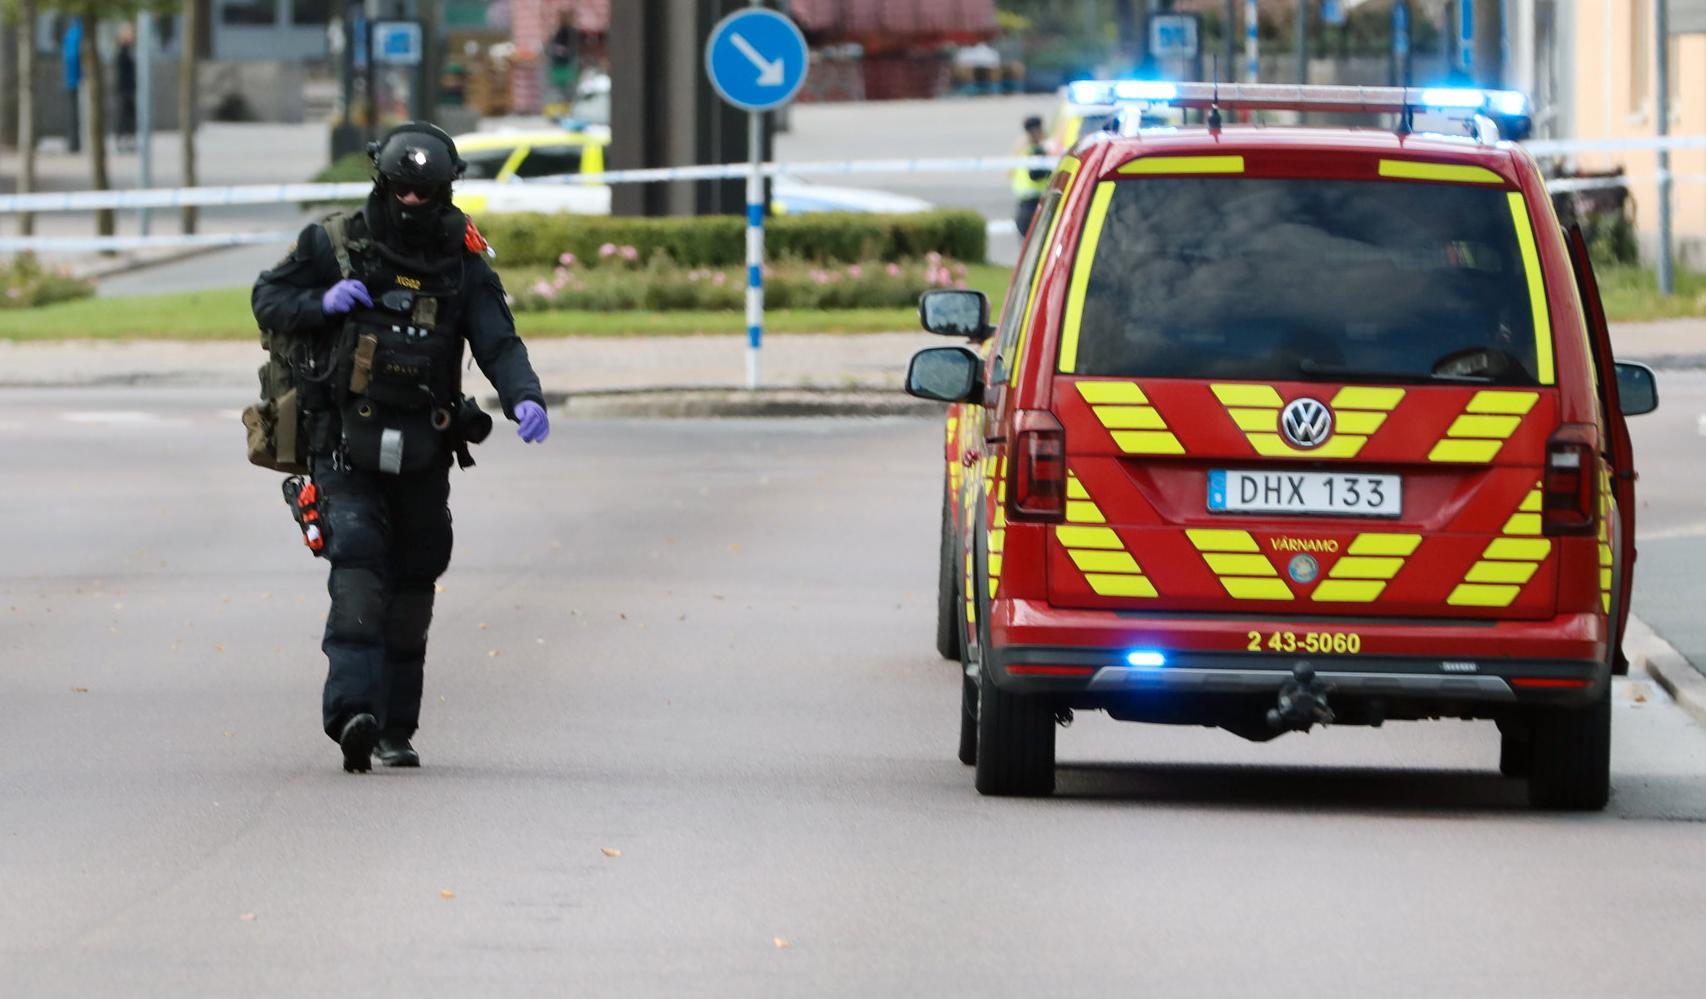 Polisens bomtekniker undersöker området i Värnamo där explosionen skedde.